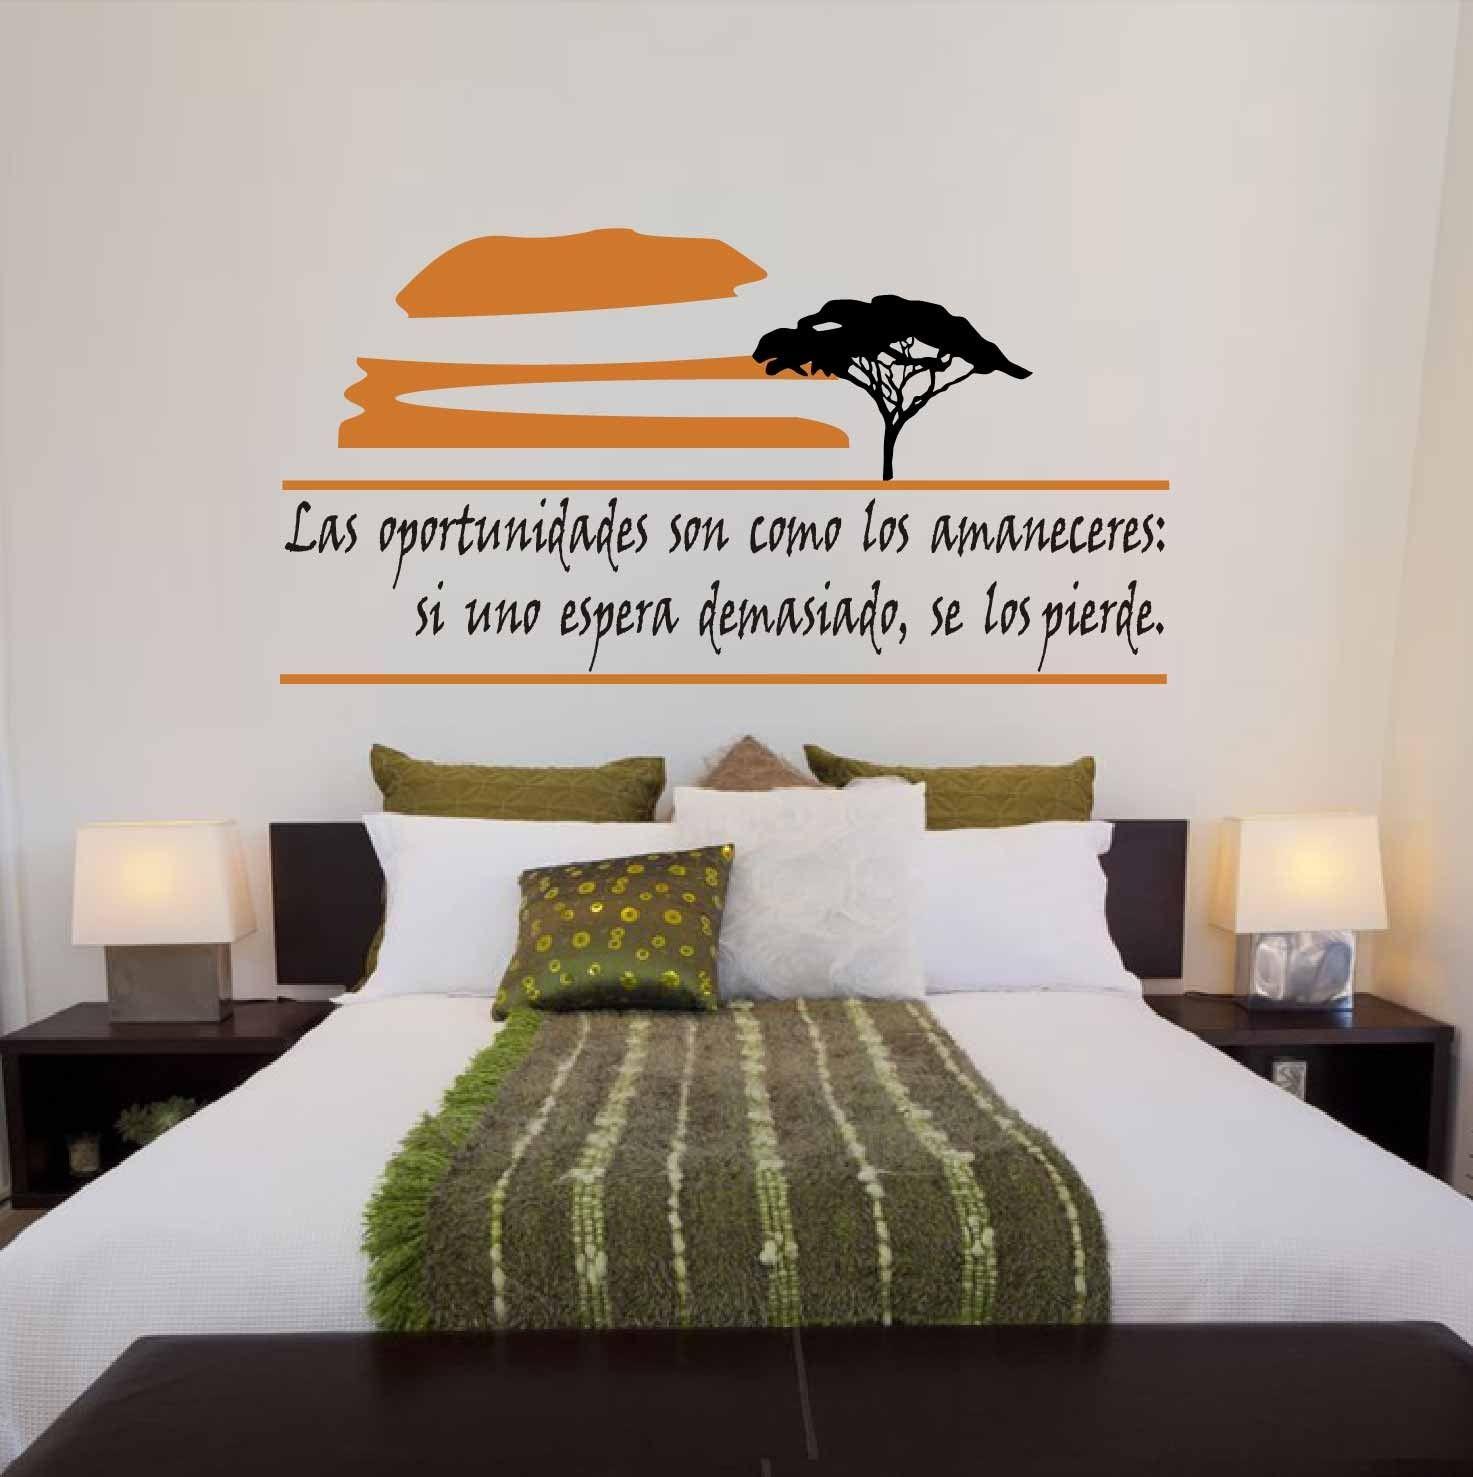 Frases en vinilo para pared dise os para mostrar for Disenos para decorar paredes de dormitorios